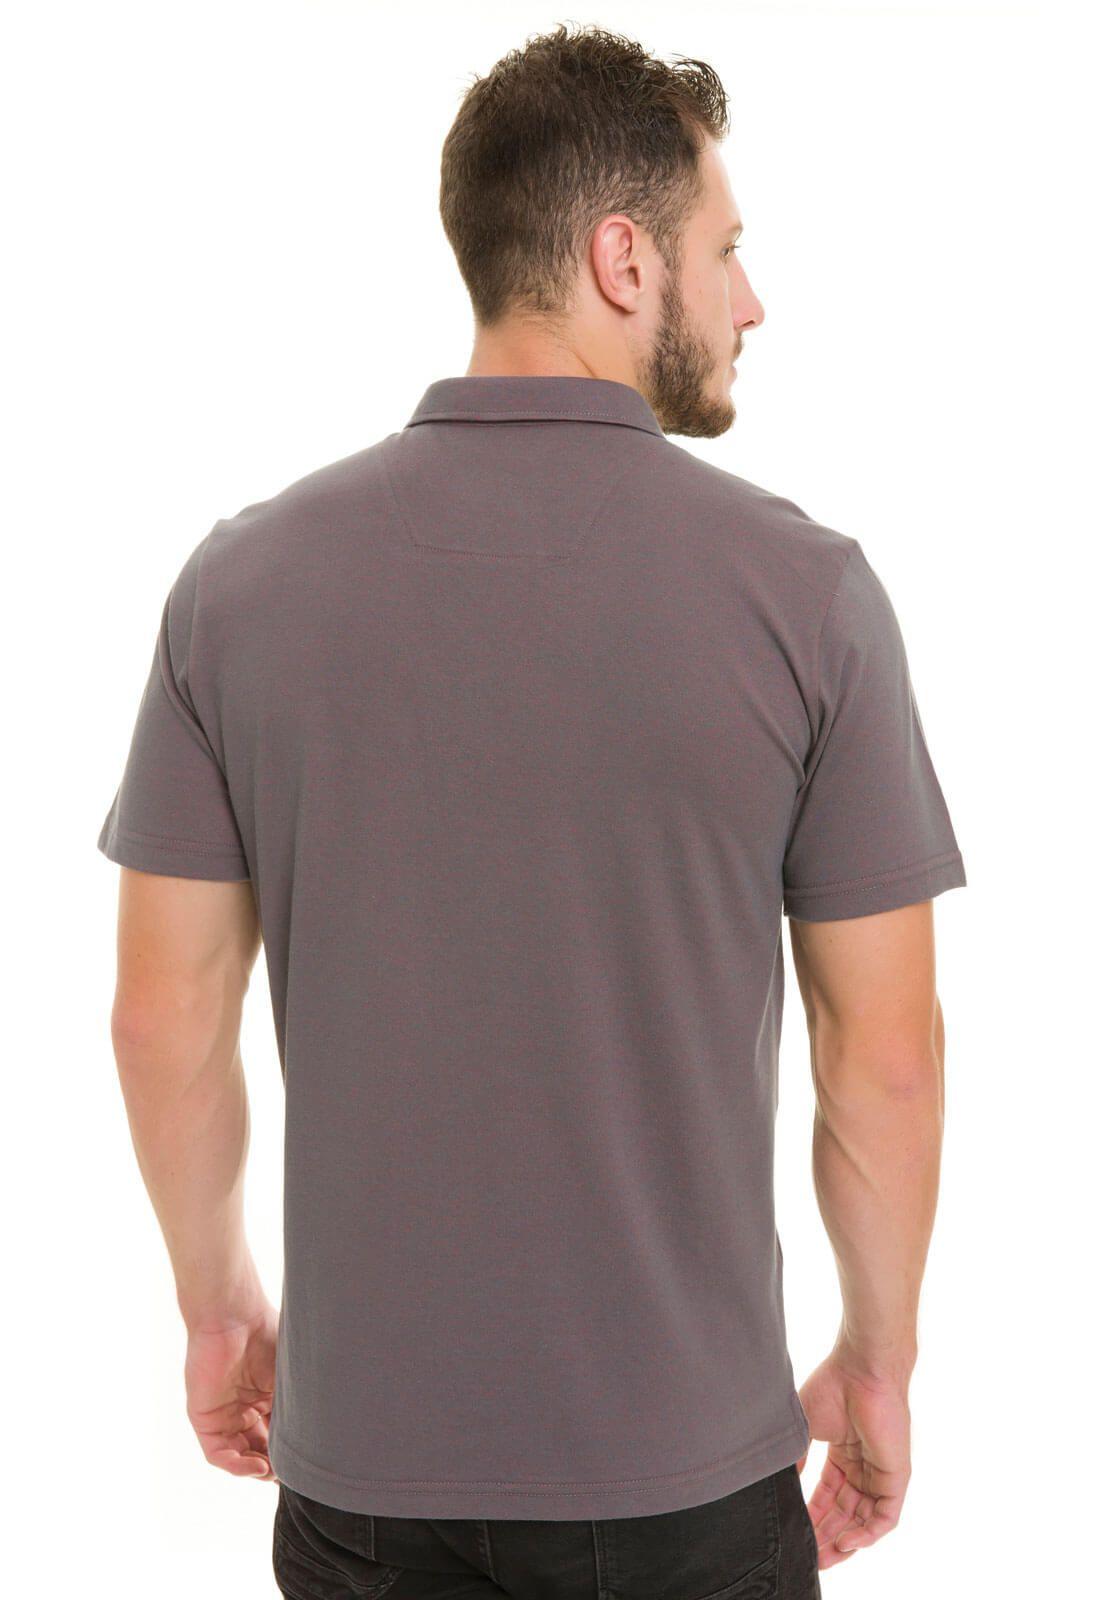 Camisa Gola Polo Olimpo Meia Malha com Bolso Falso Cinza Chumbo